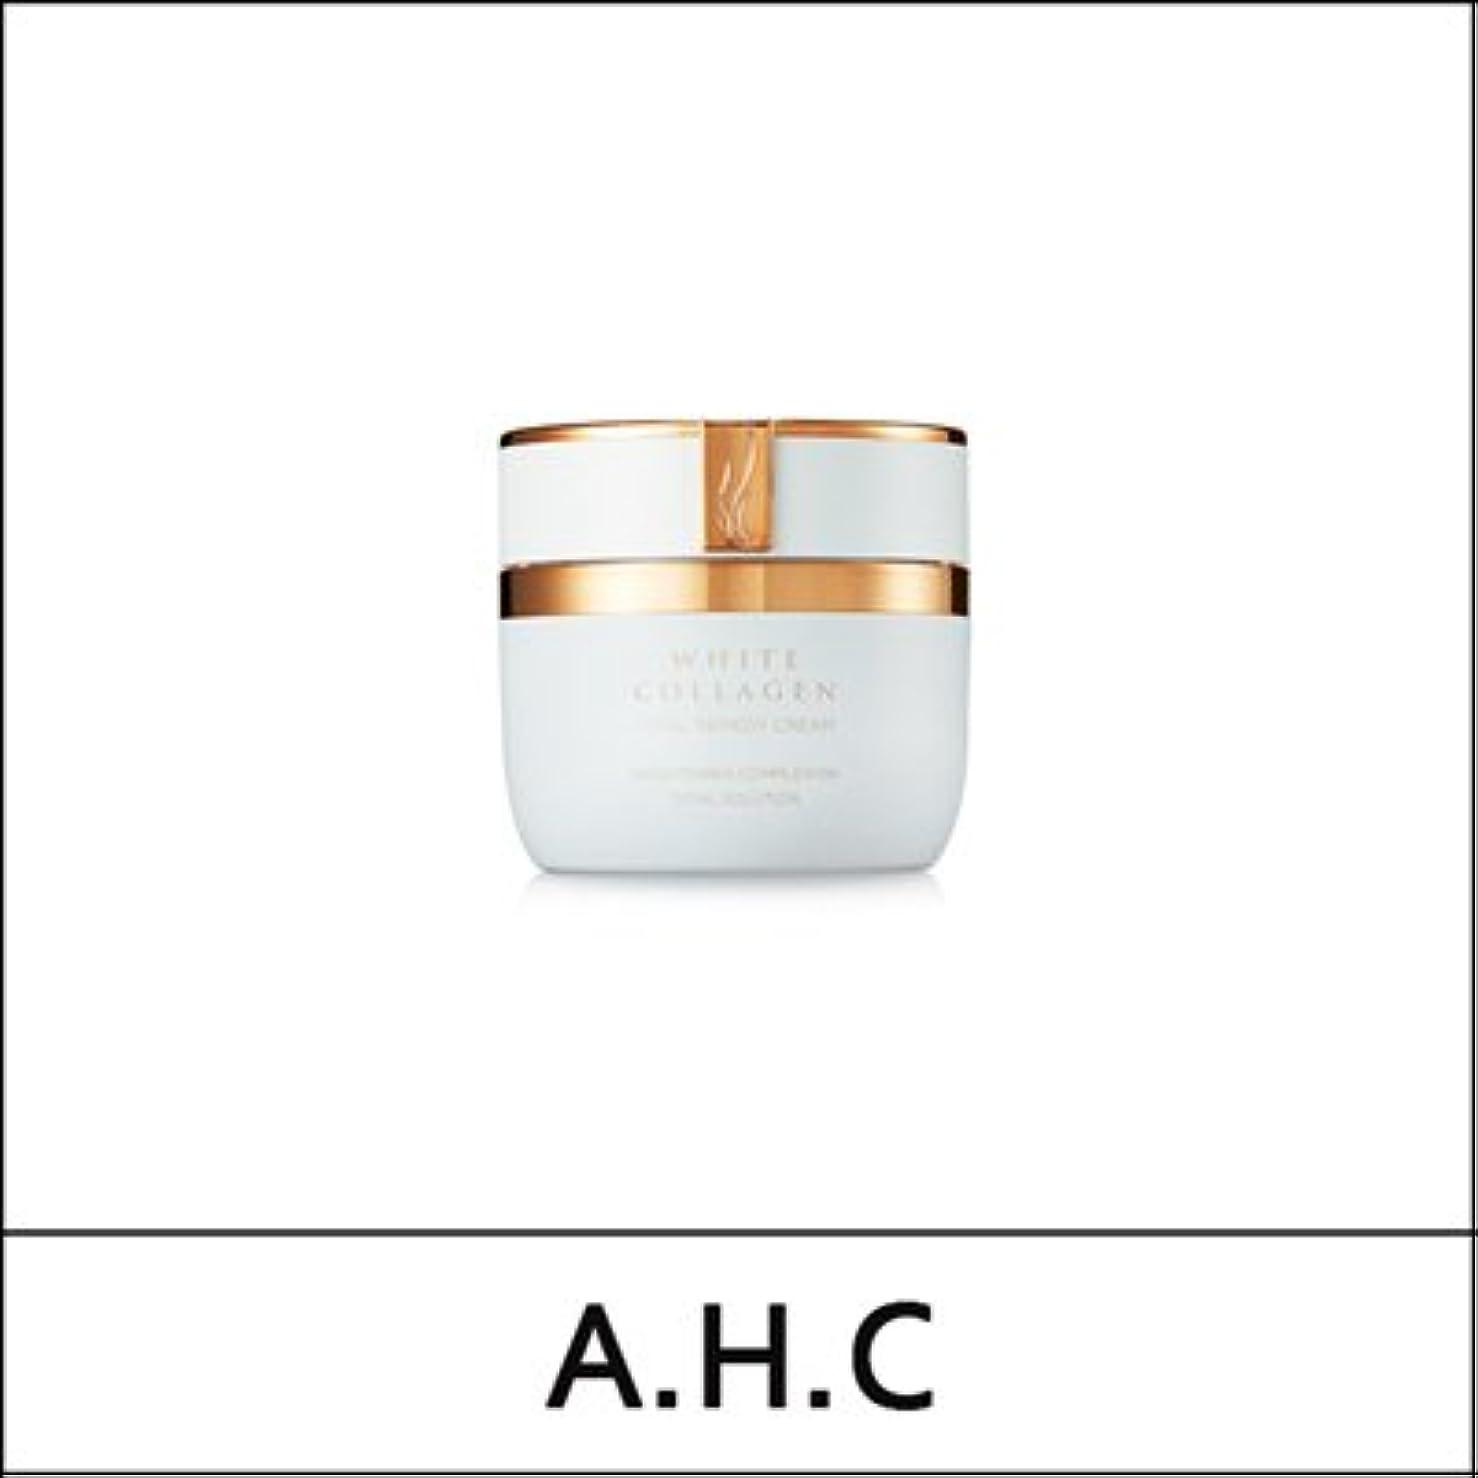 修正する国内の売上高A.H.C (AHC) White Collagen Total Remedy Cream 50g/A.H.C ホワイト コラーゲン トータル レミディ クリーム 50g [並行輸入品]